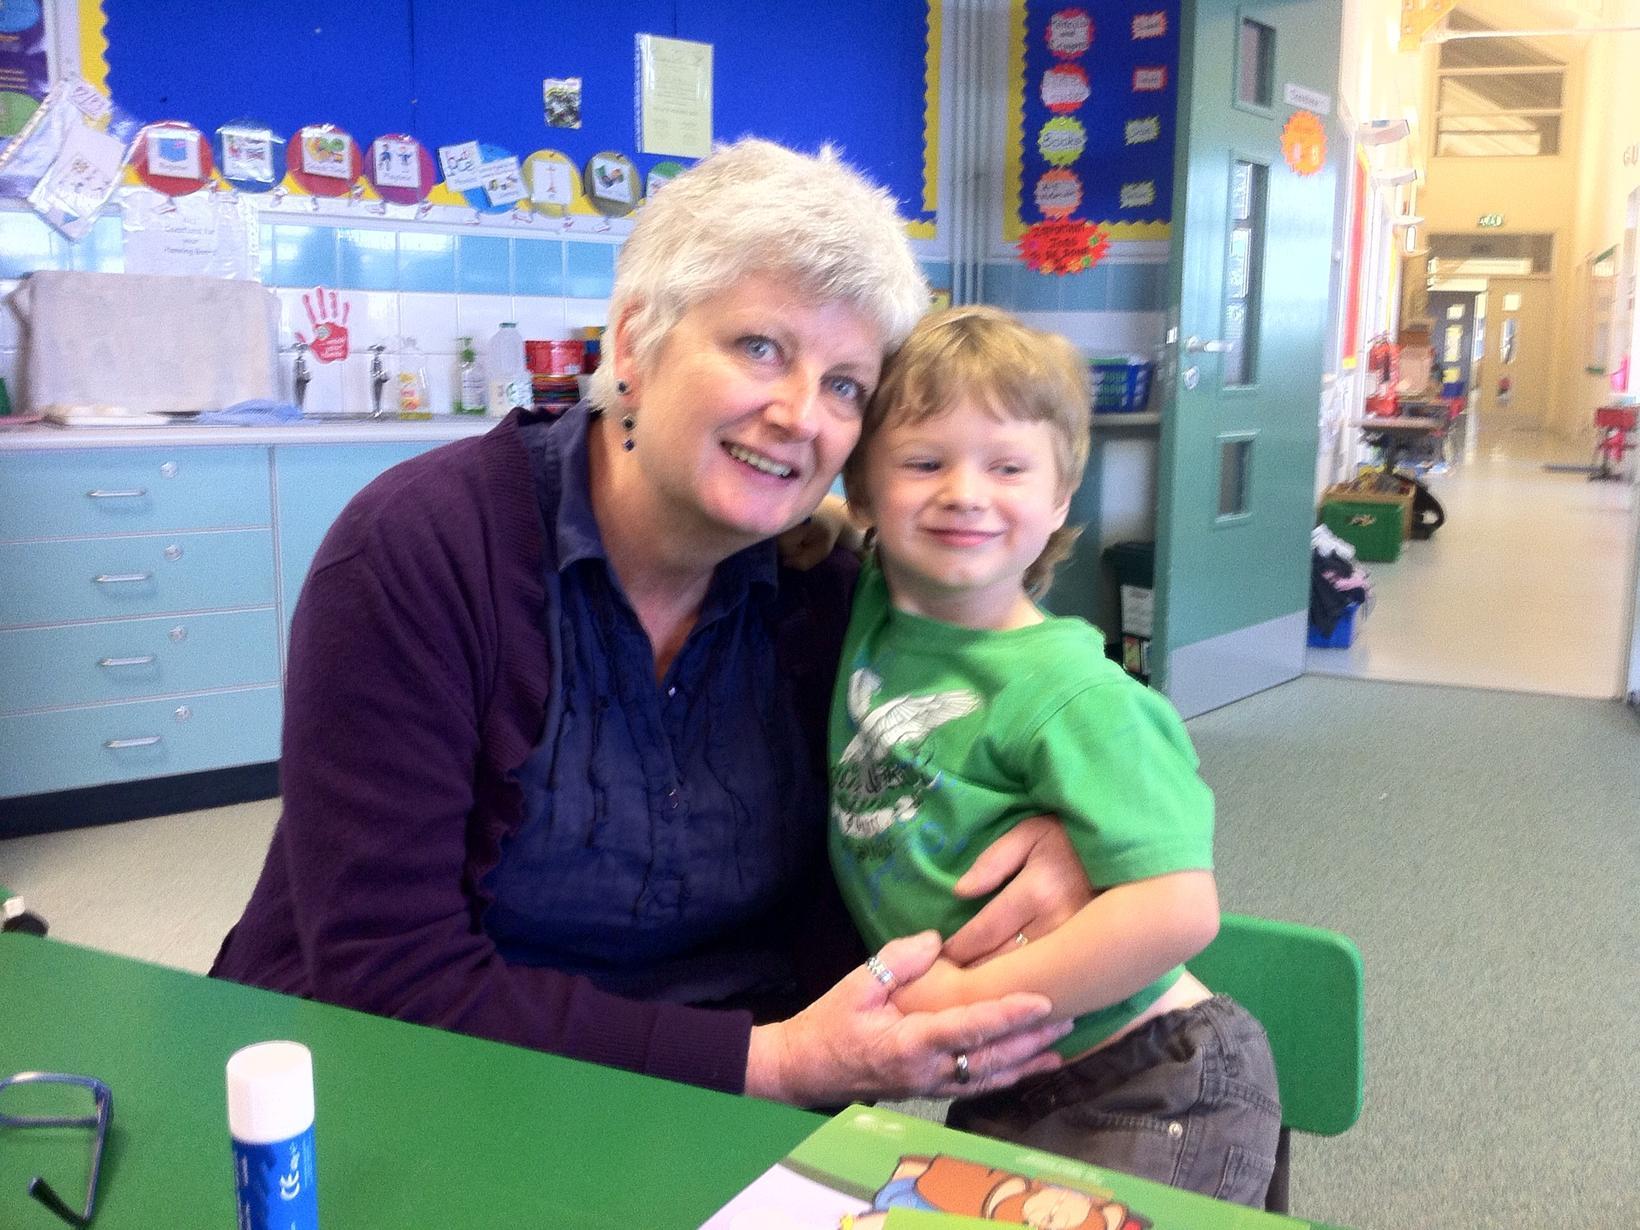 Sheila from Lisburn, United Kingdom